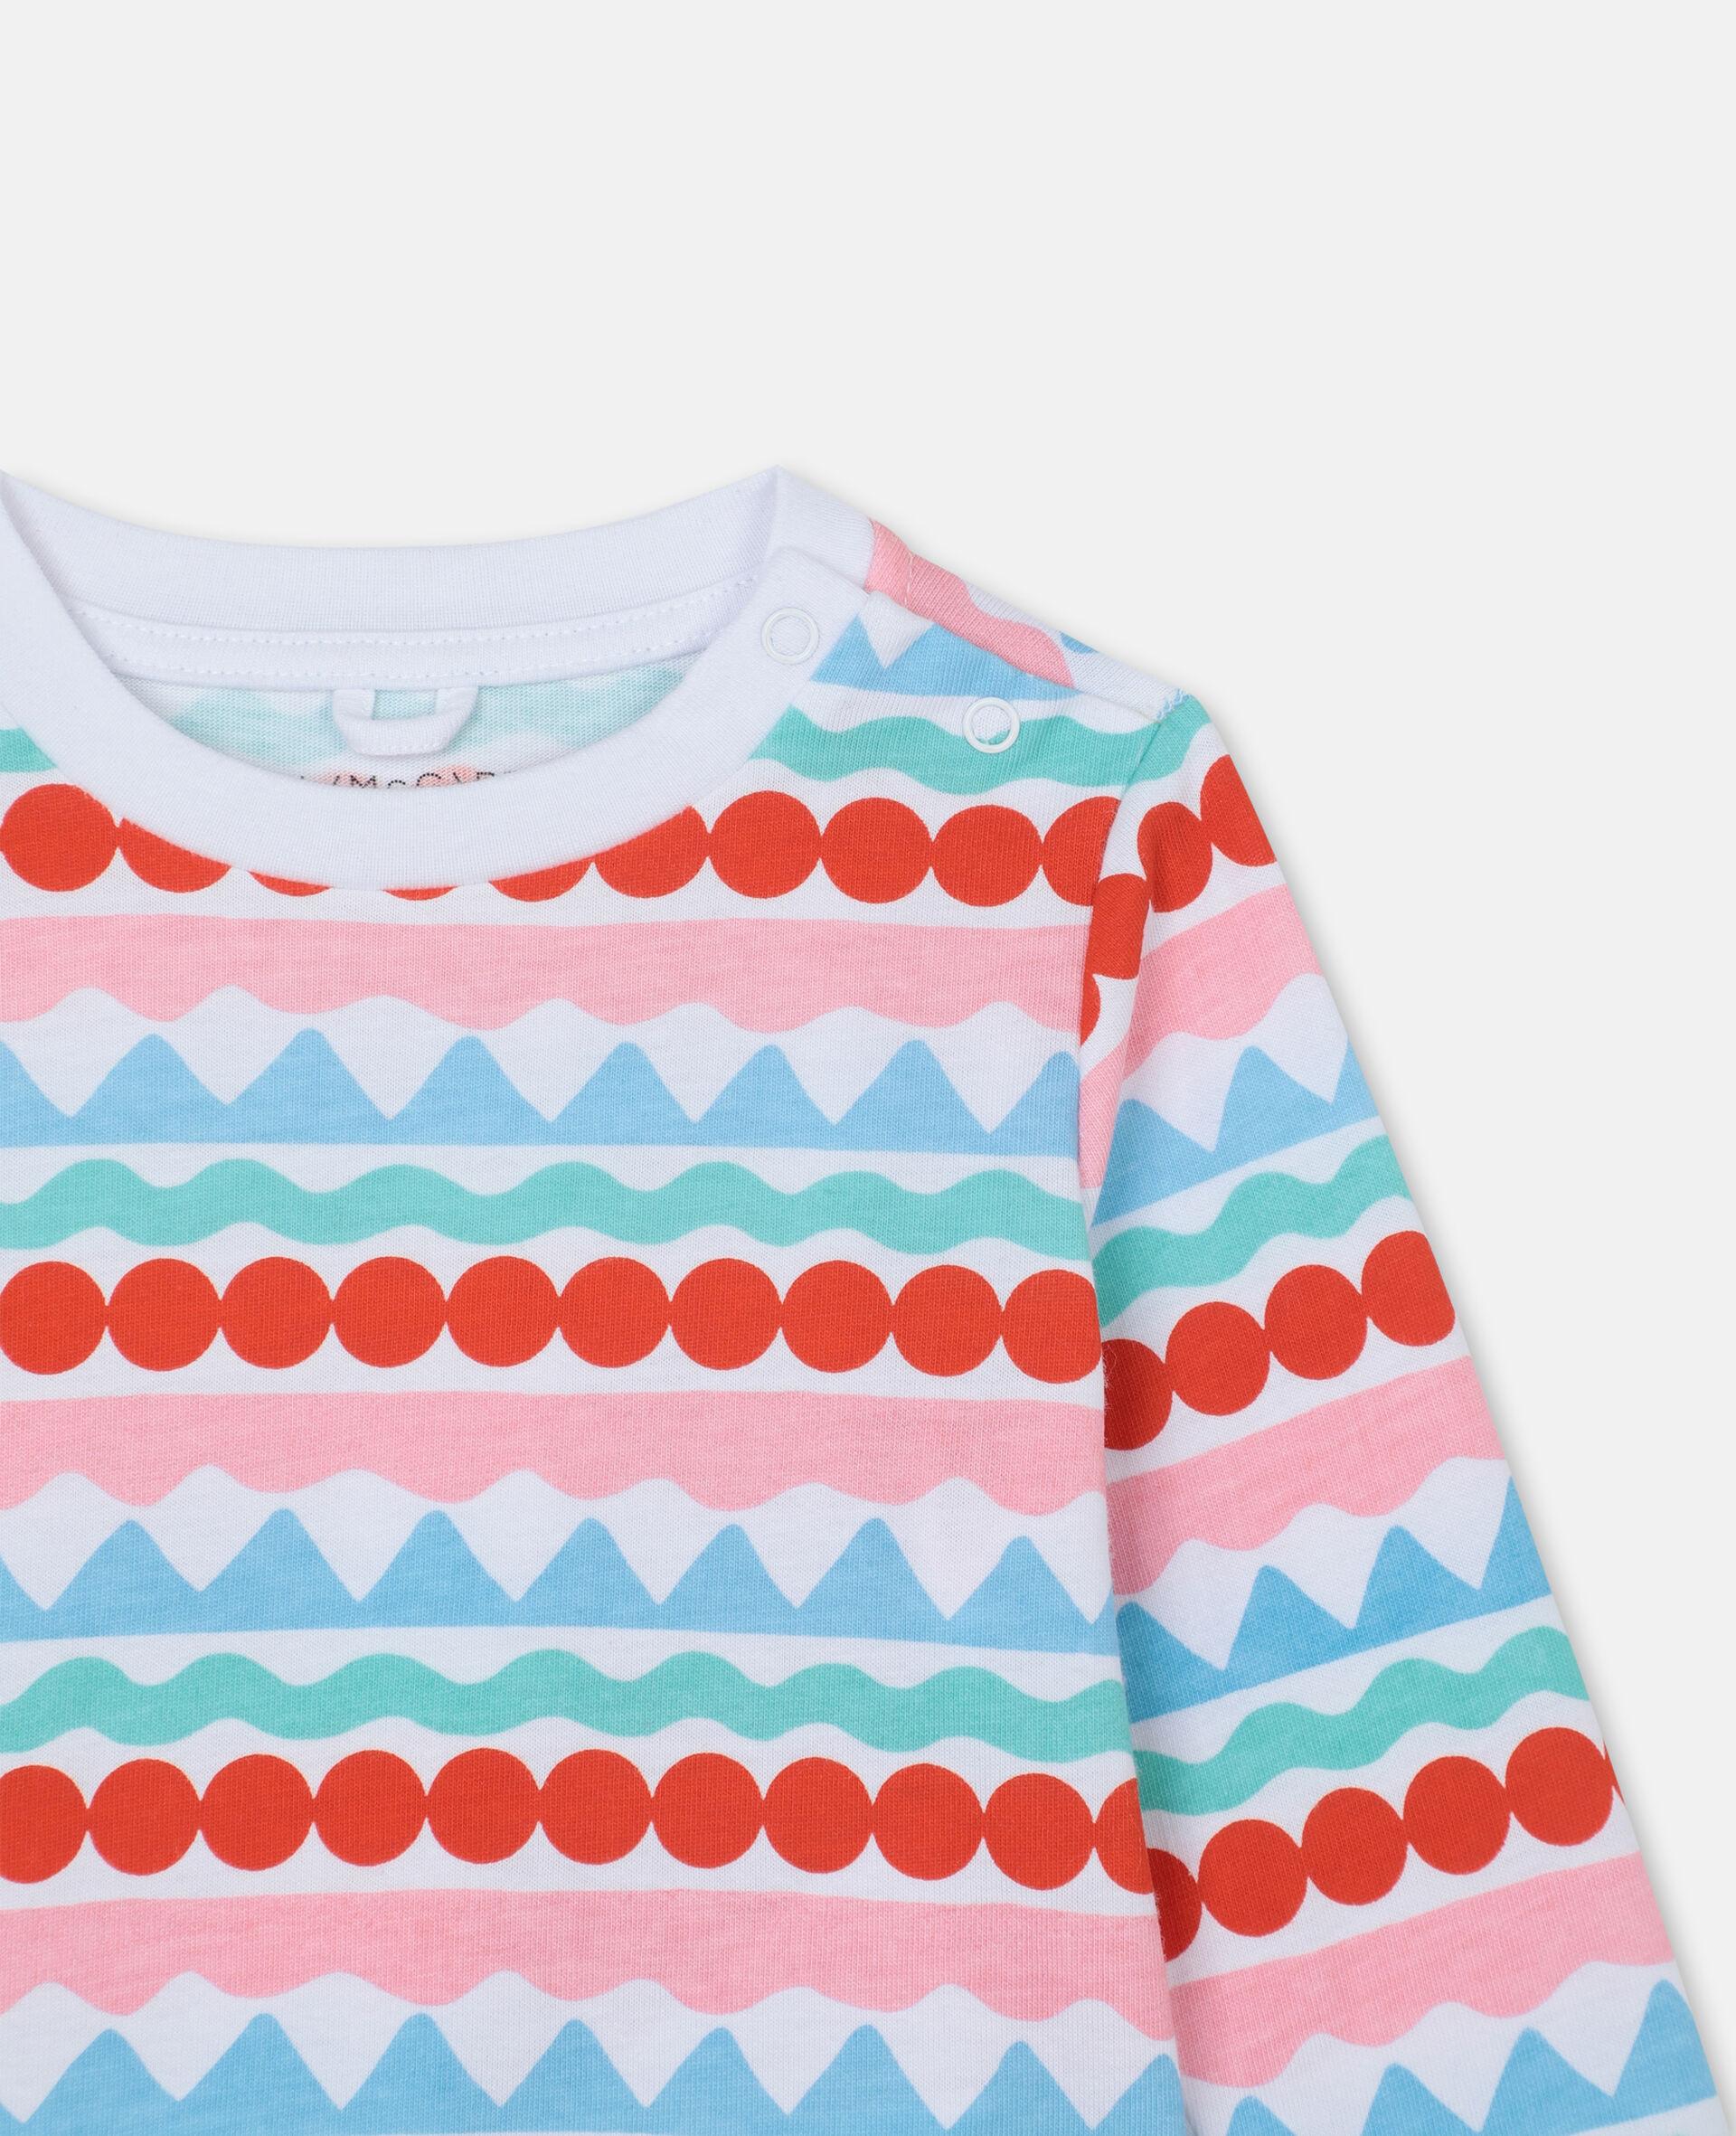 图形感条纹棉质 T 恤-Multicolored-large image number 1